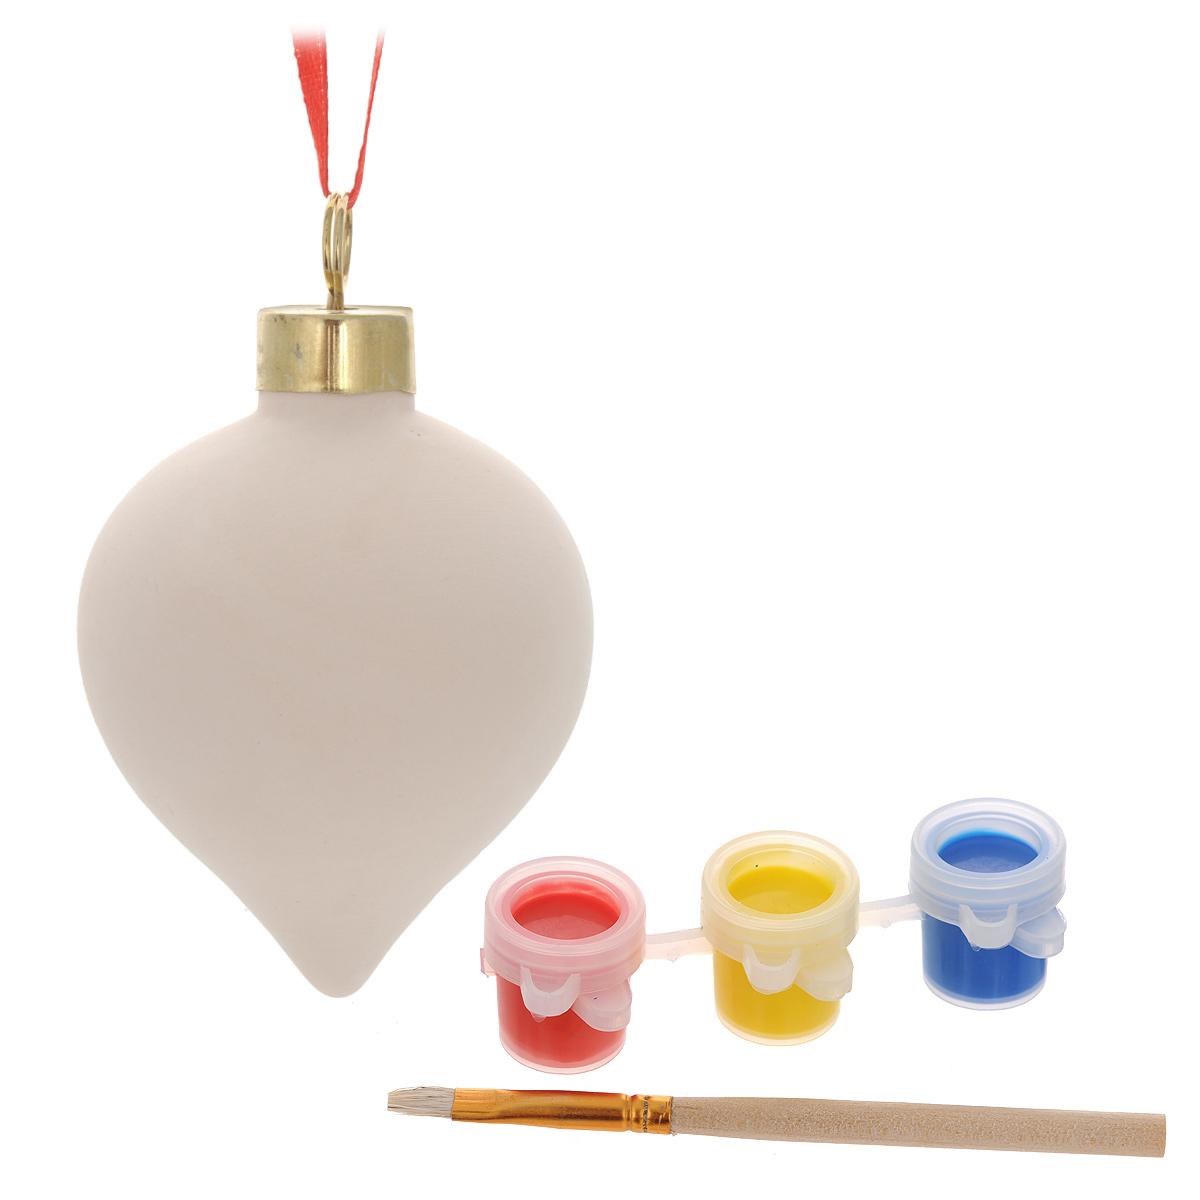 Новогодний набор для творчества Сосулька, 5 предметов. 3467834678Набор для творчества Сосулька включает в себя: заготовку из доломитовой глины, три баночки с акварельными красками и кисть. Раскрасьте новогоднюю игрушку вместе с ребенком и повесьте на елку. Игрушка, выполненная своими руками, будет радовать глаз и создаст хорошее настроение. Рельефные раскраски специально разработаны для эффективного применения методик развития памяти, моторики и внимания ребенка. Они позволяют использовать различные приемы оформления и элементы аппликаций, причем уровень сложности вы можете выбирать самостоятельно. Длина кисти: 9,5 см. Размер баночки с краской: 3 см x 2 см x 1,5 см. Размер заготовки: 8,5 см x 4,5 см x 4,5 см.